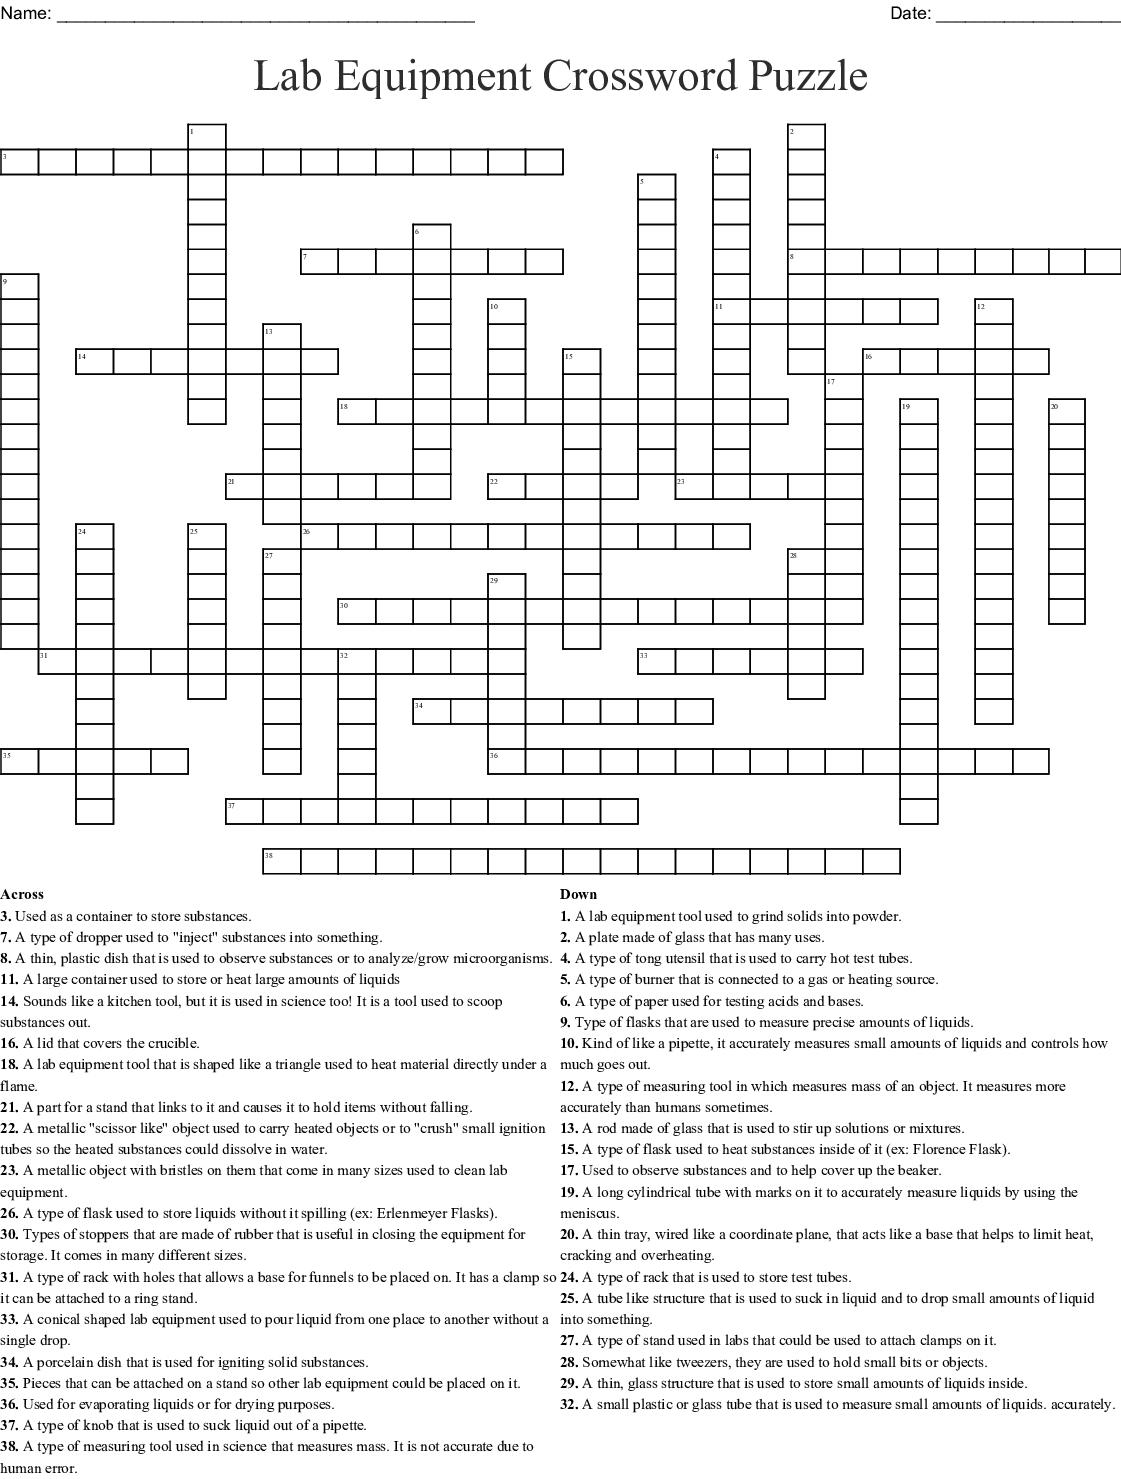 Lab Equipment Crossword Puzzle